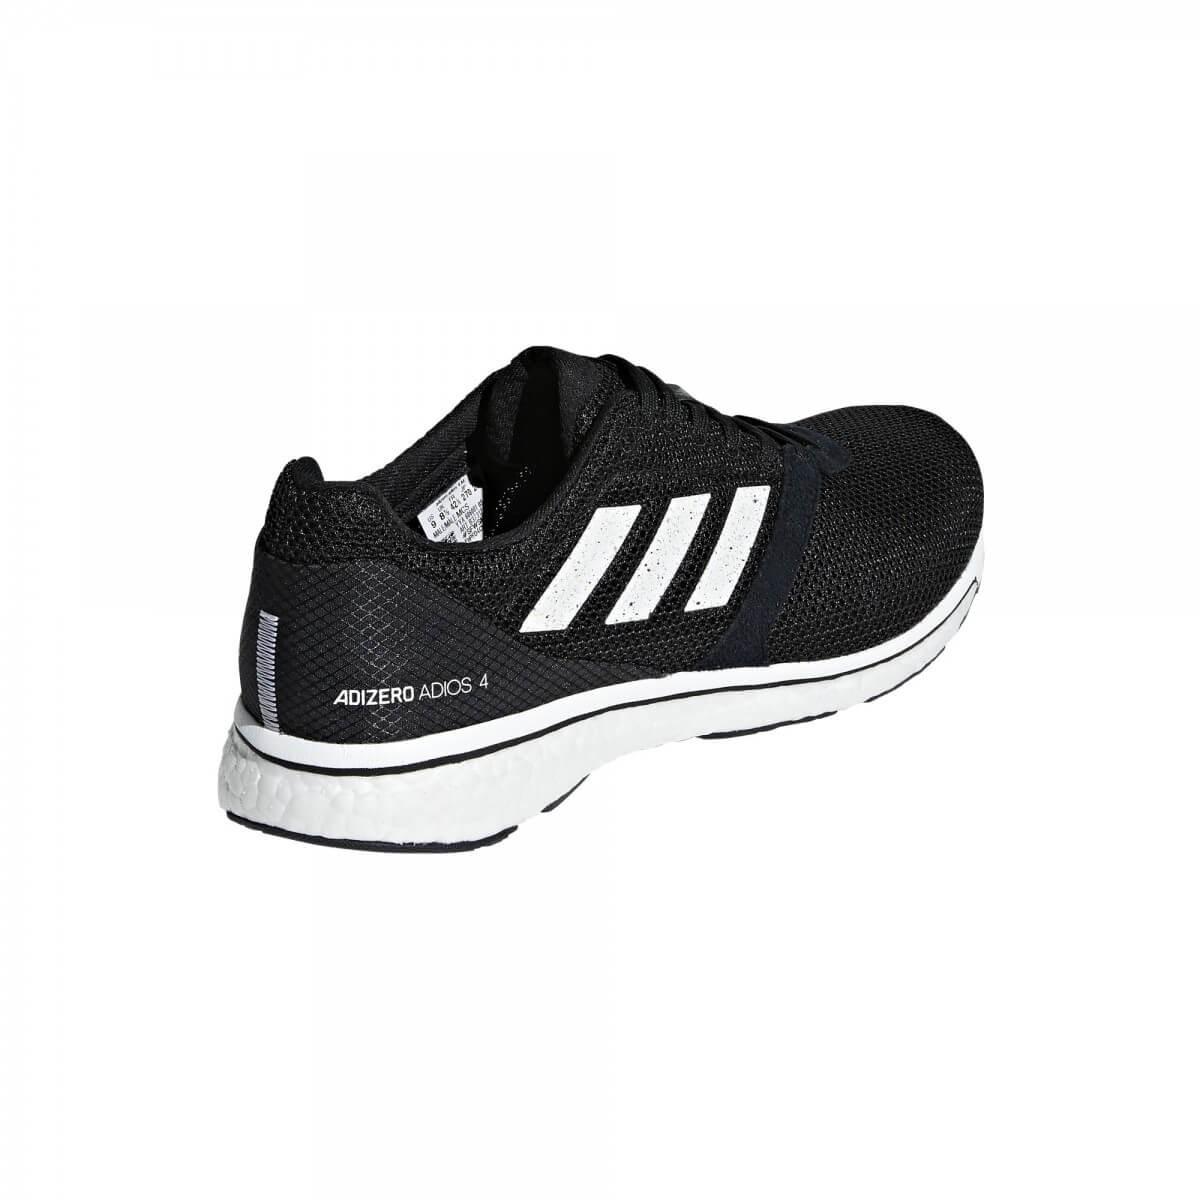 super popular 7e95b 07e15 ... Zapatillas Adidas Adizero Adios 4 m Negro Blanco PV19 ...